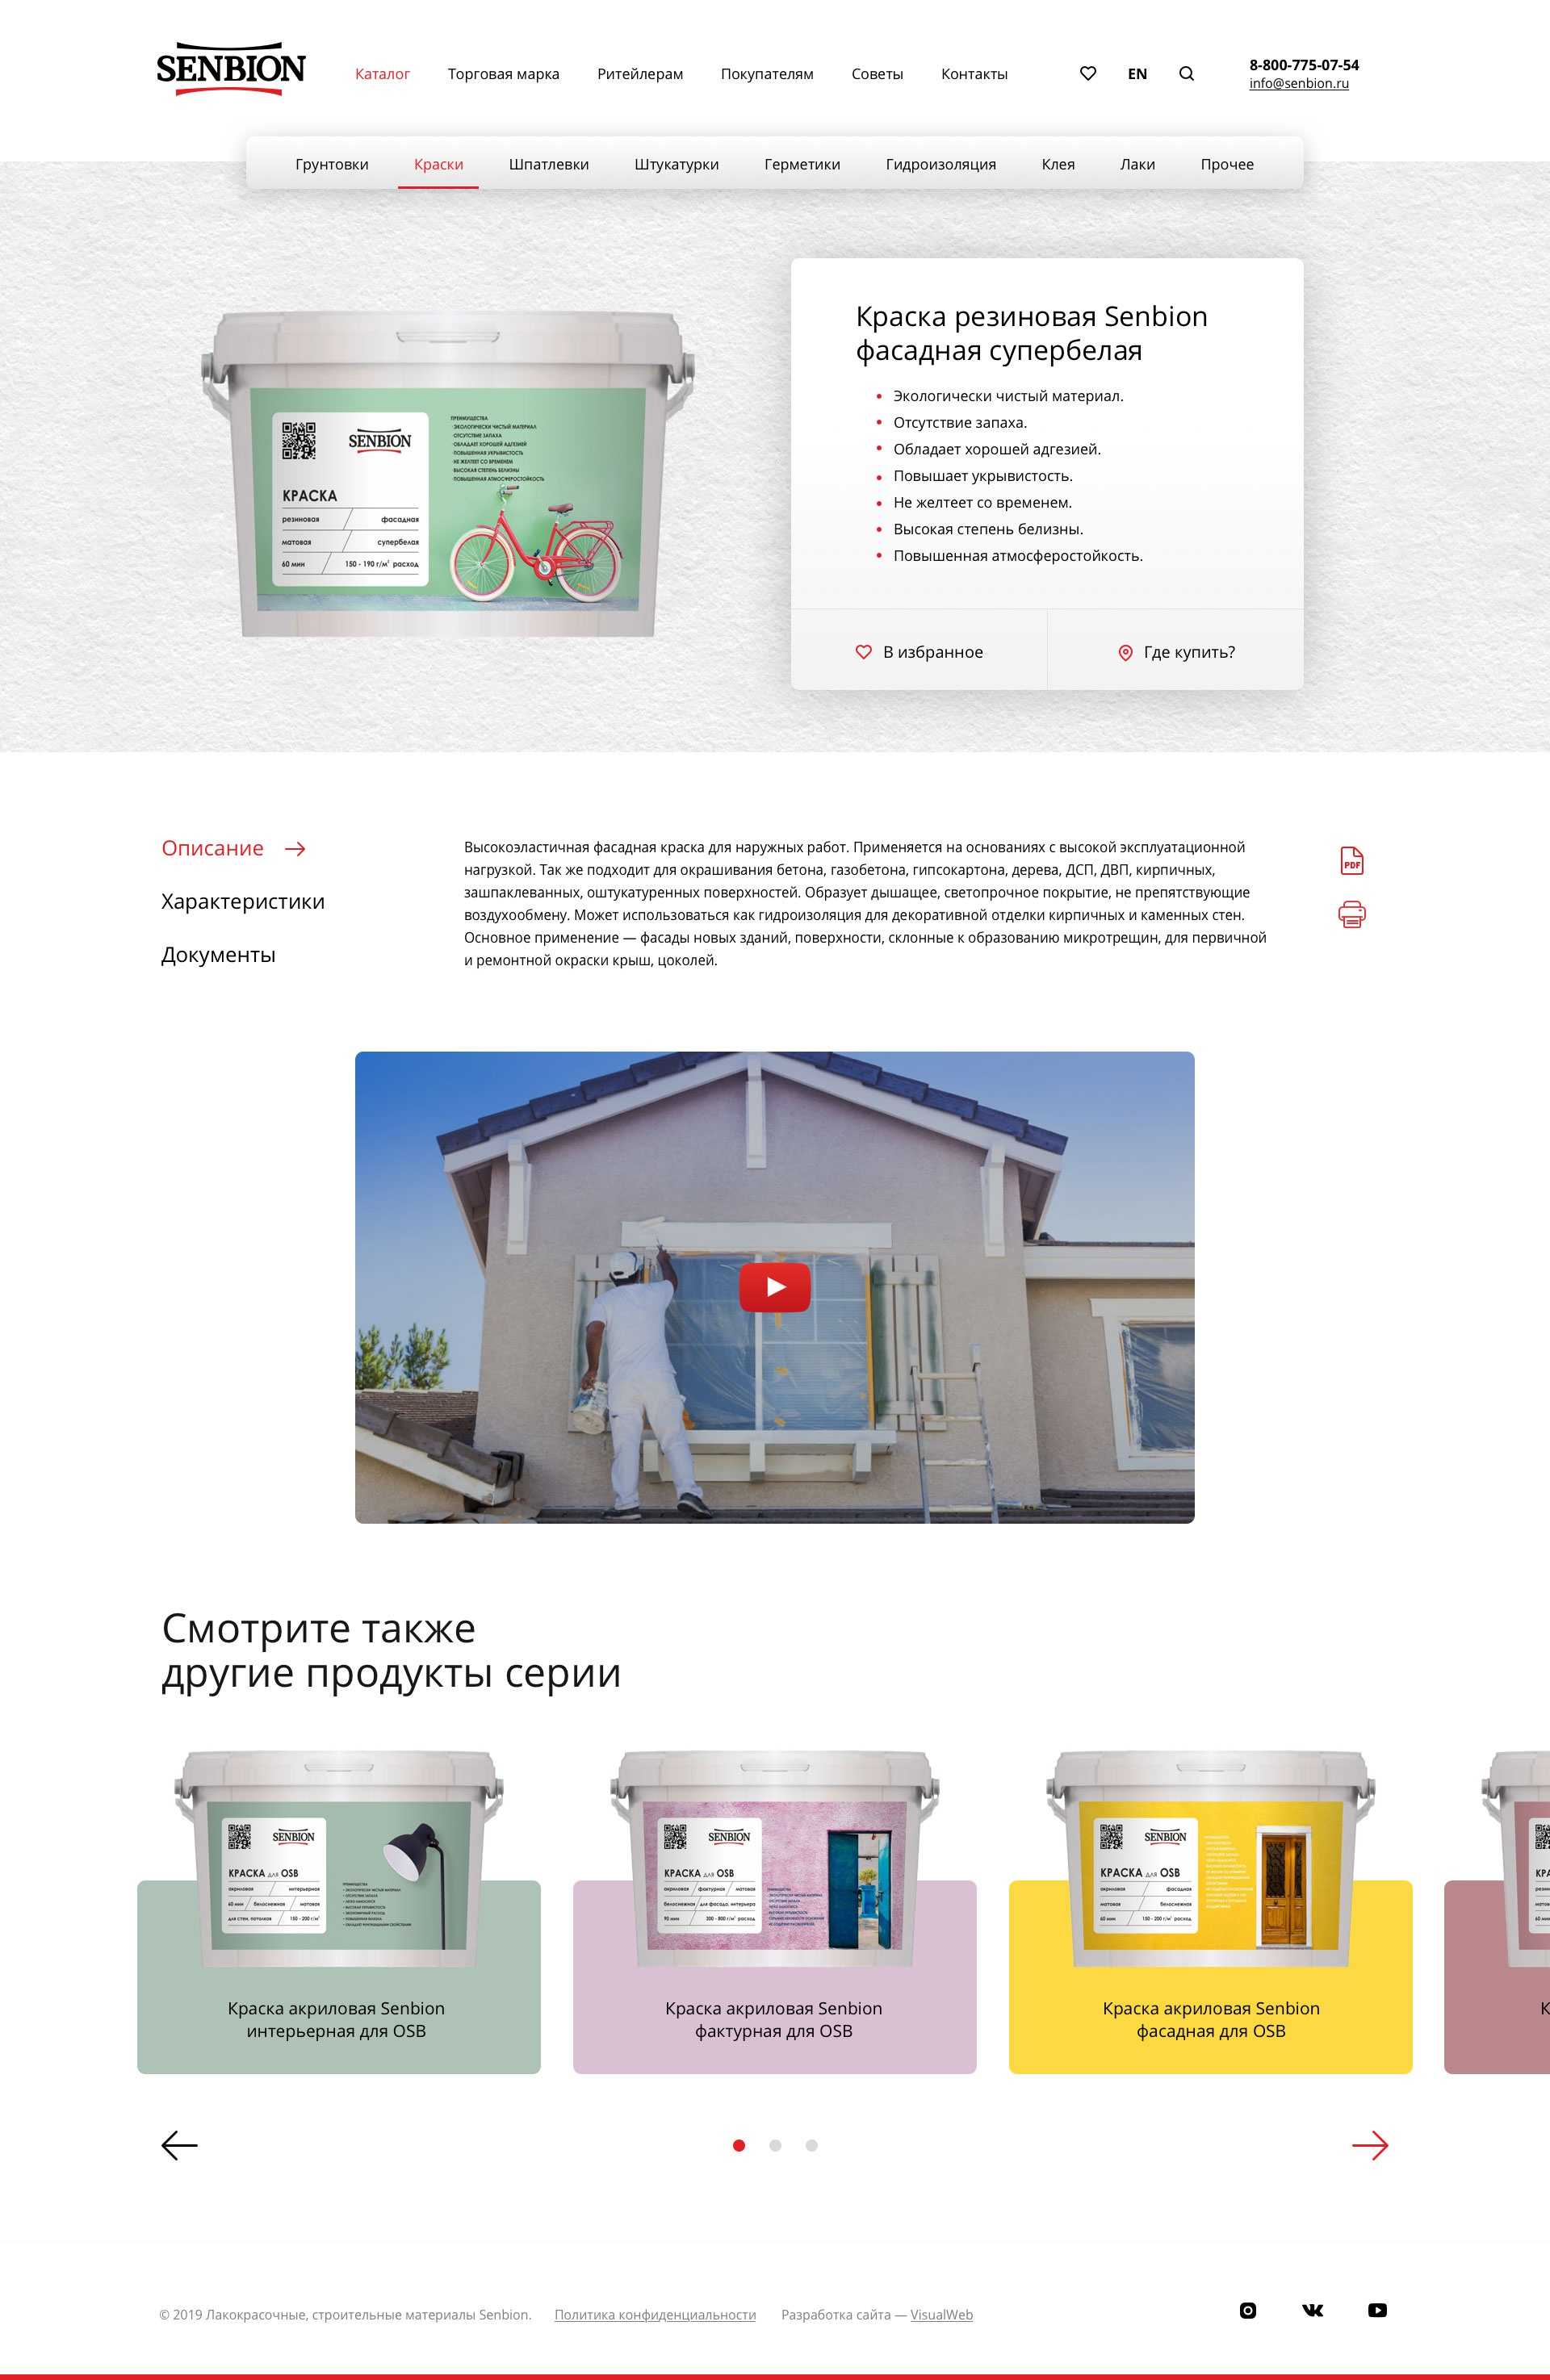 Создание сайта производителя лакокрасочных и строительных материалов ТМ SENBION